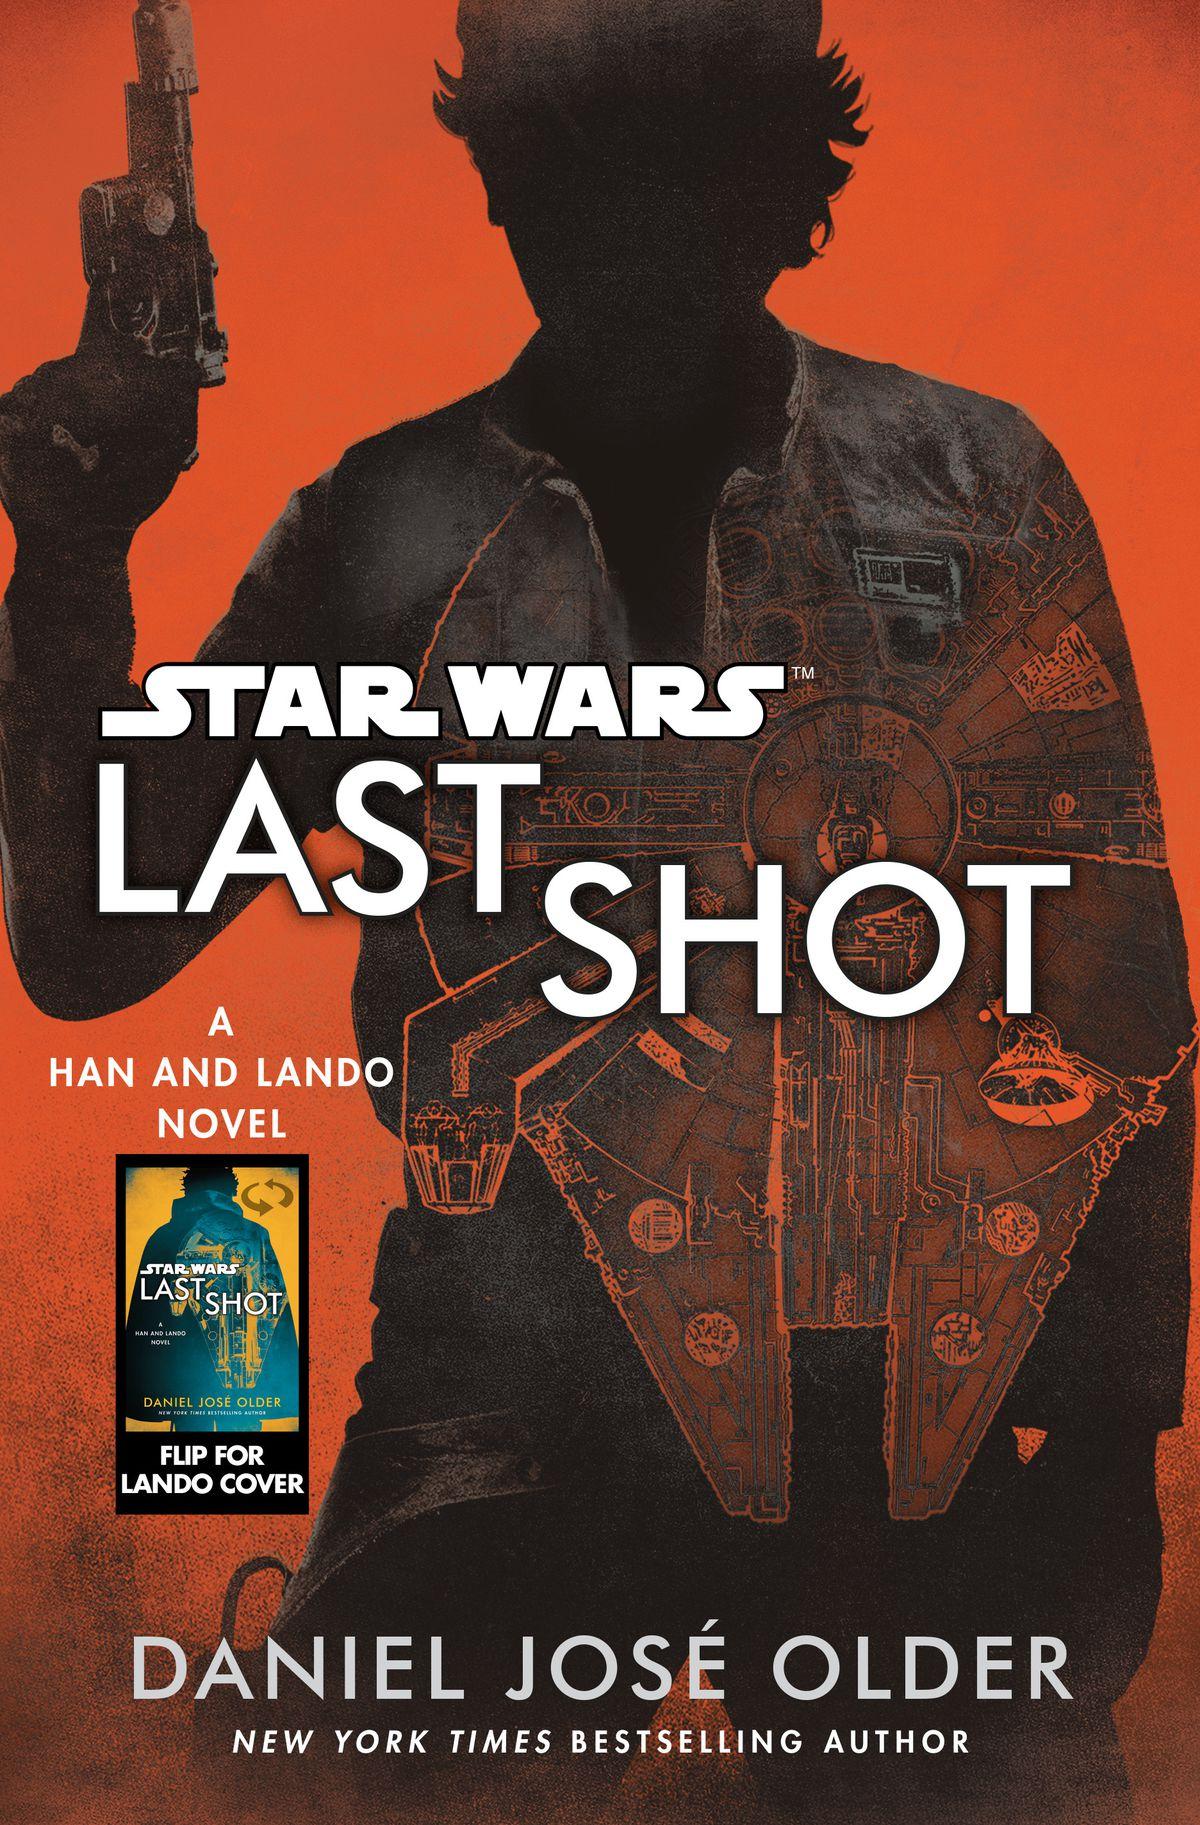 根据新的星球大战经典,汉索罗的生活和时代